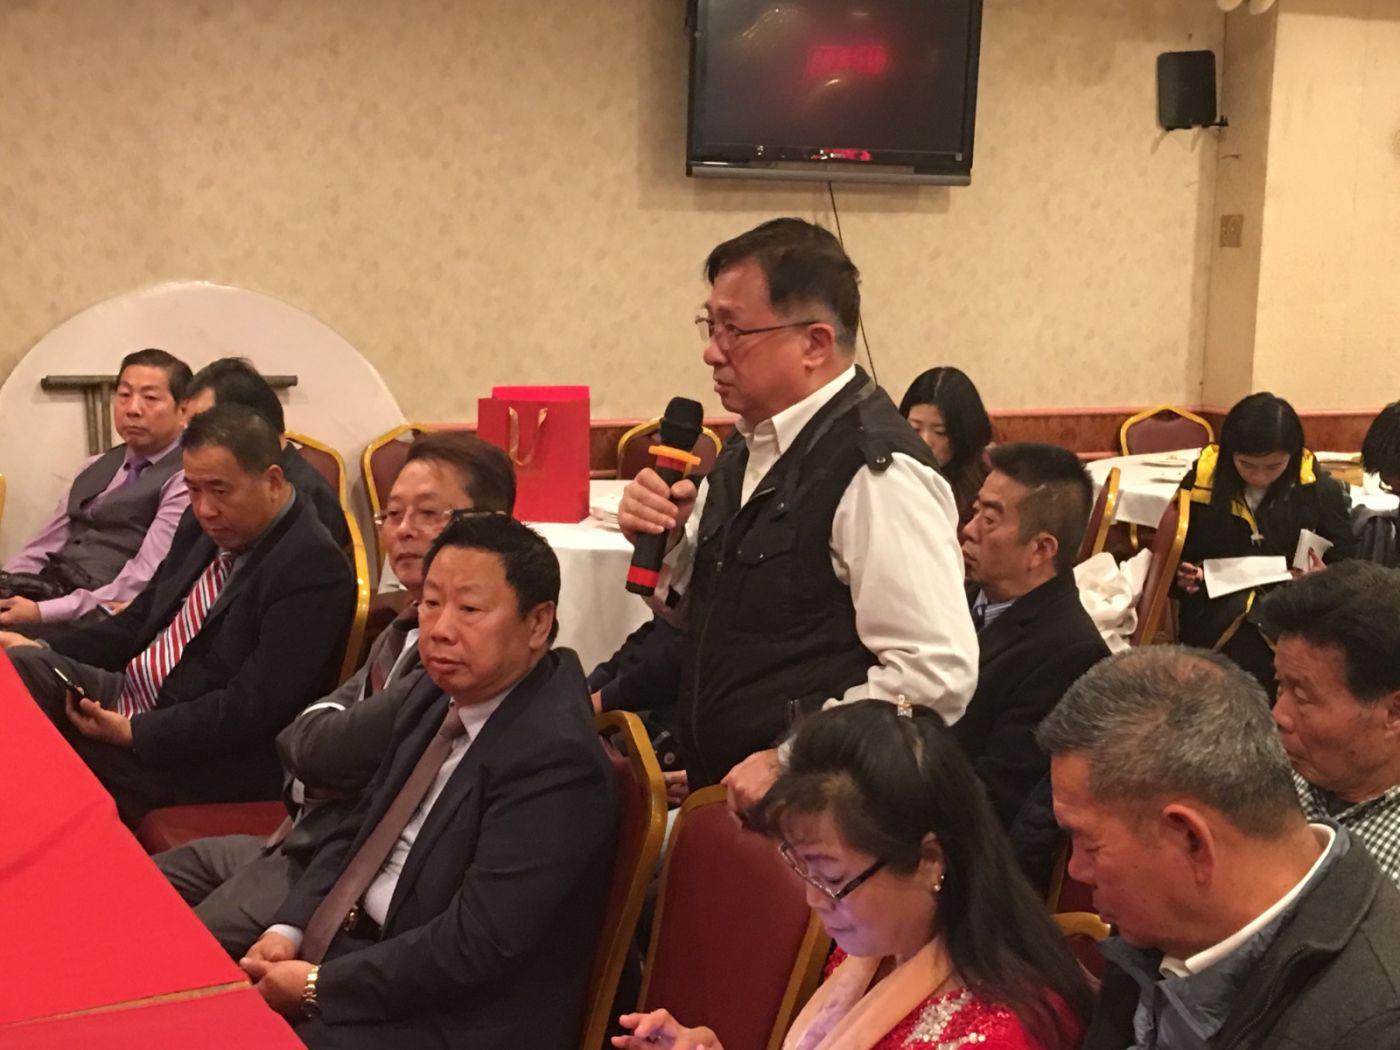 紐約華人華僑維護香港穩定繁榮座談會在紐約舉行_图1-17